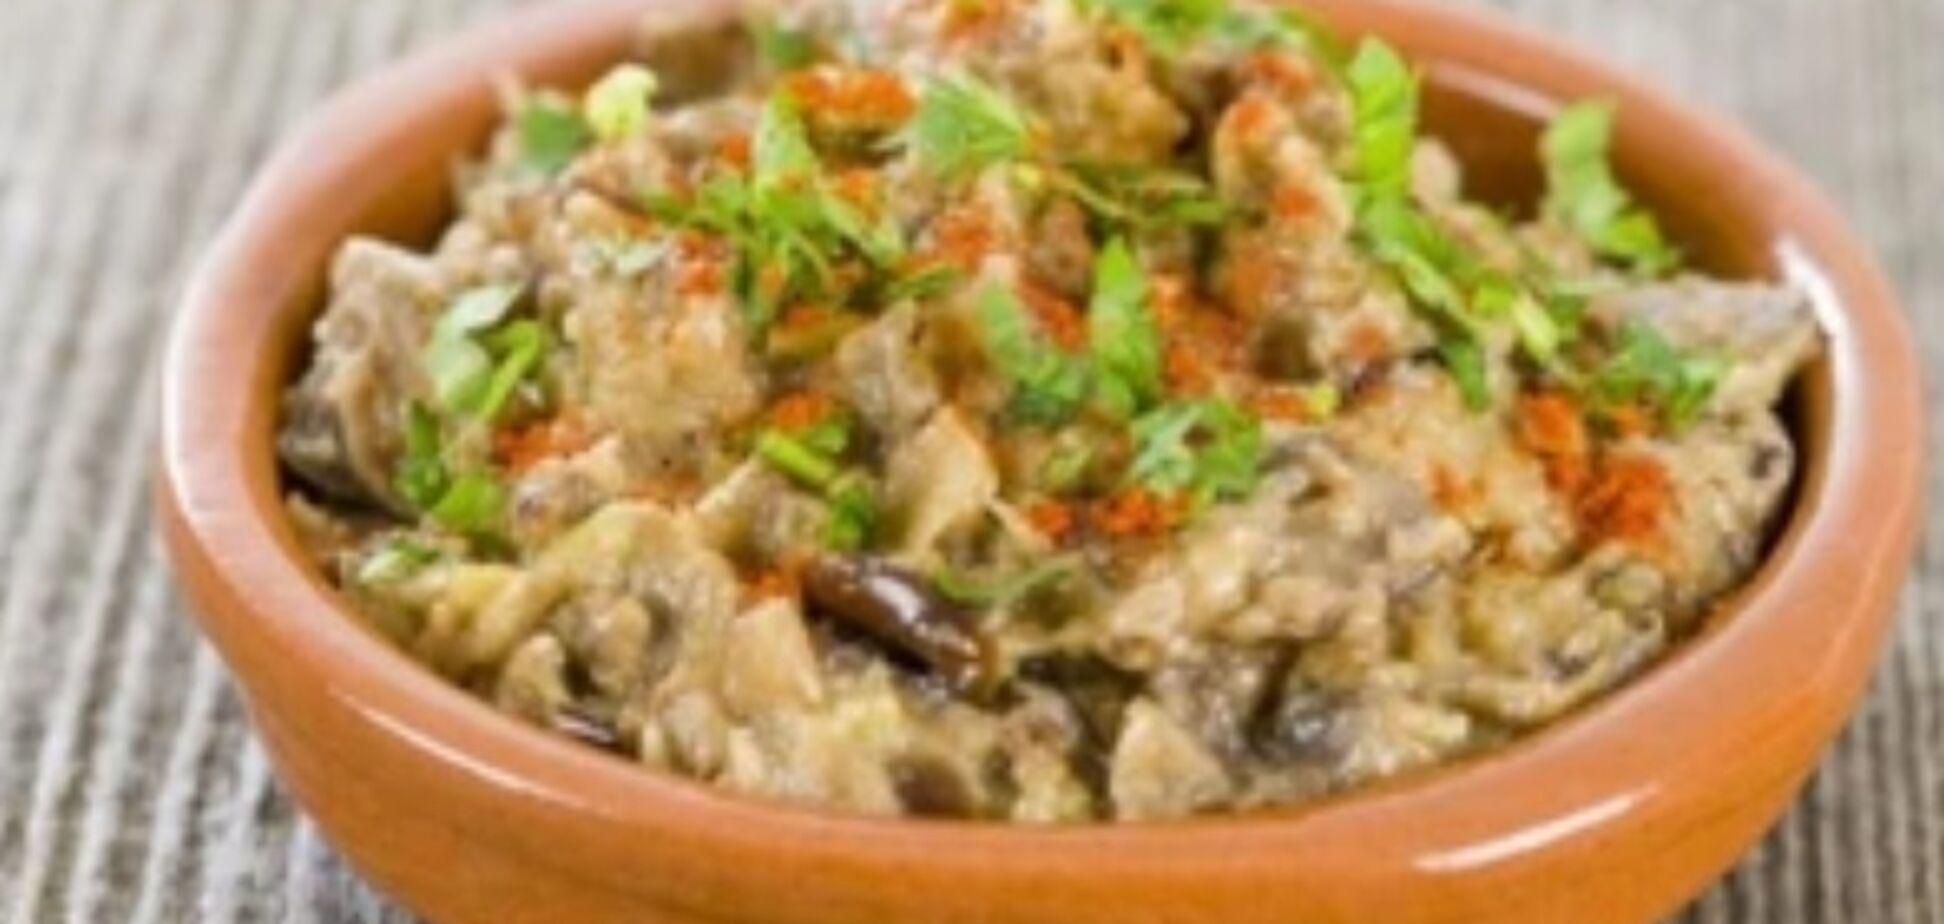 Рецепт вкуснейшего грузинского блюда из баклажанов